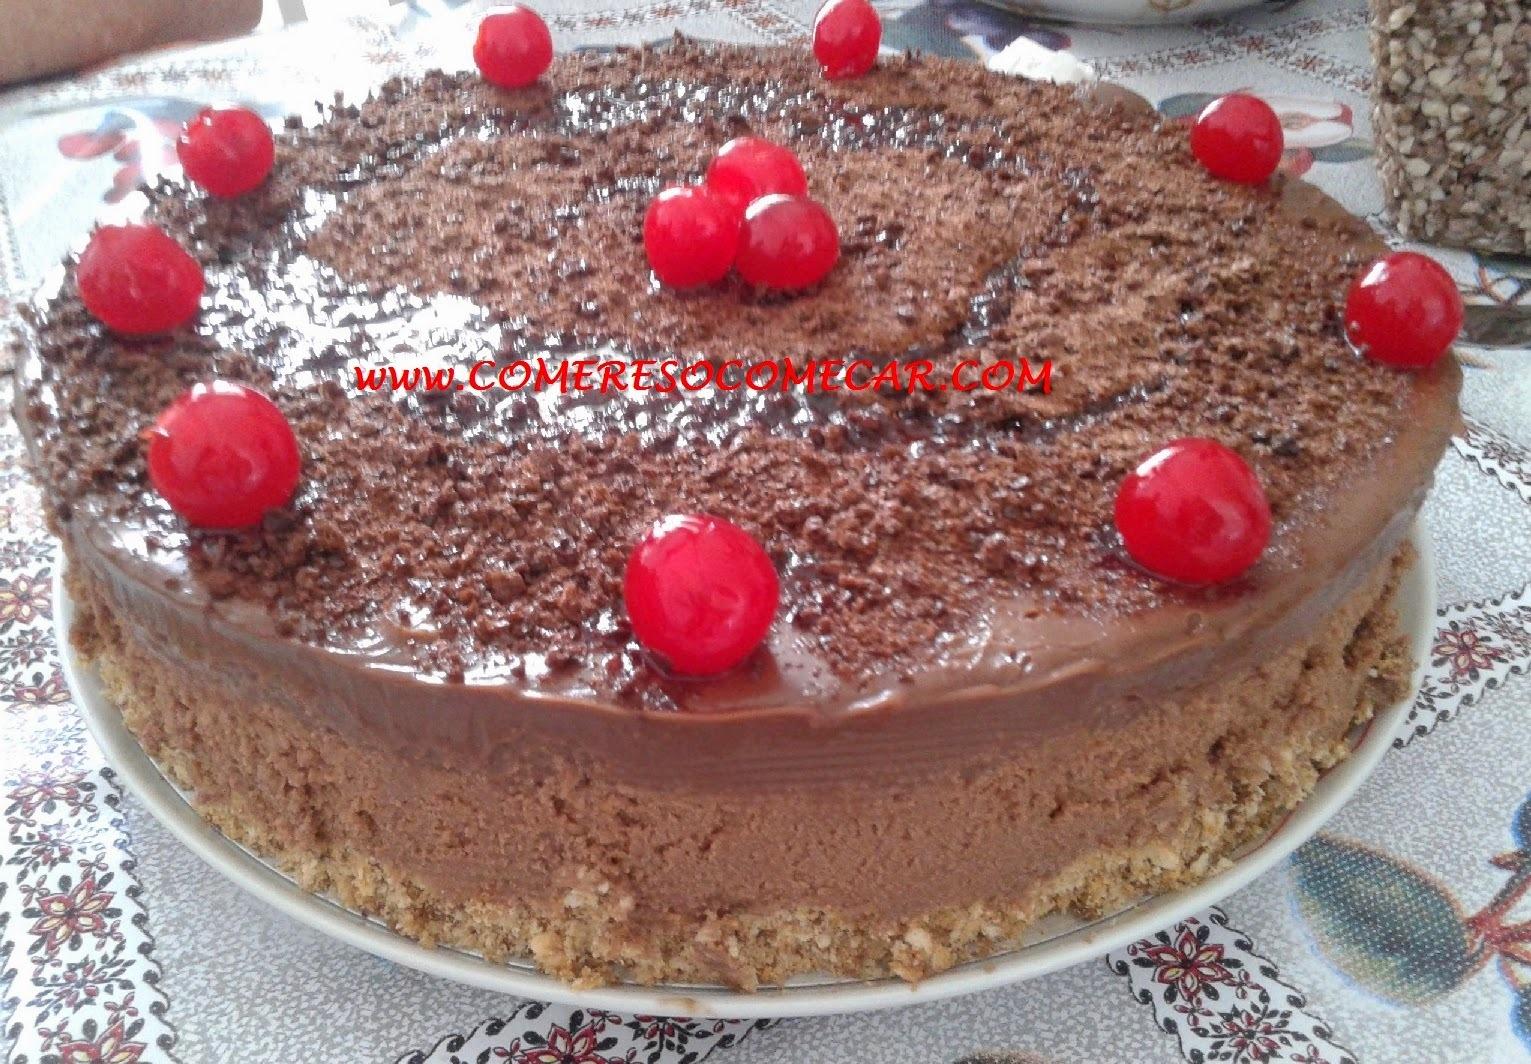 TORTA MOUSSE E TRUFA DE CHOCOLATE